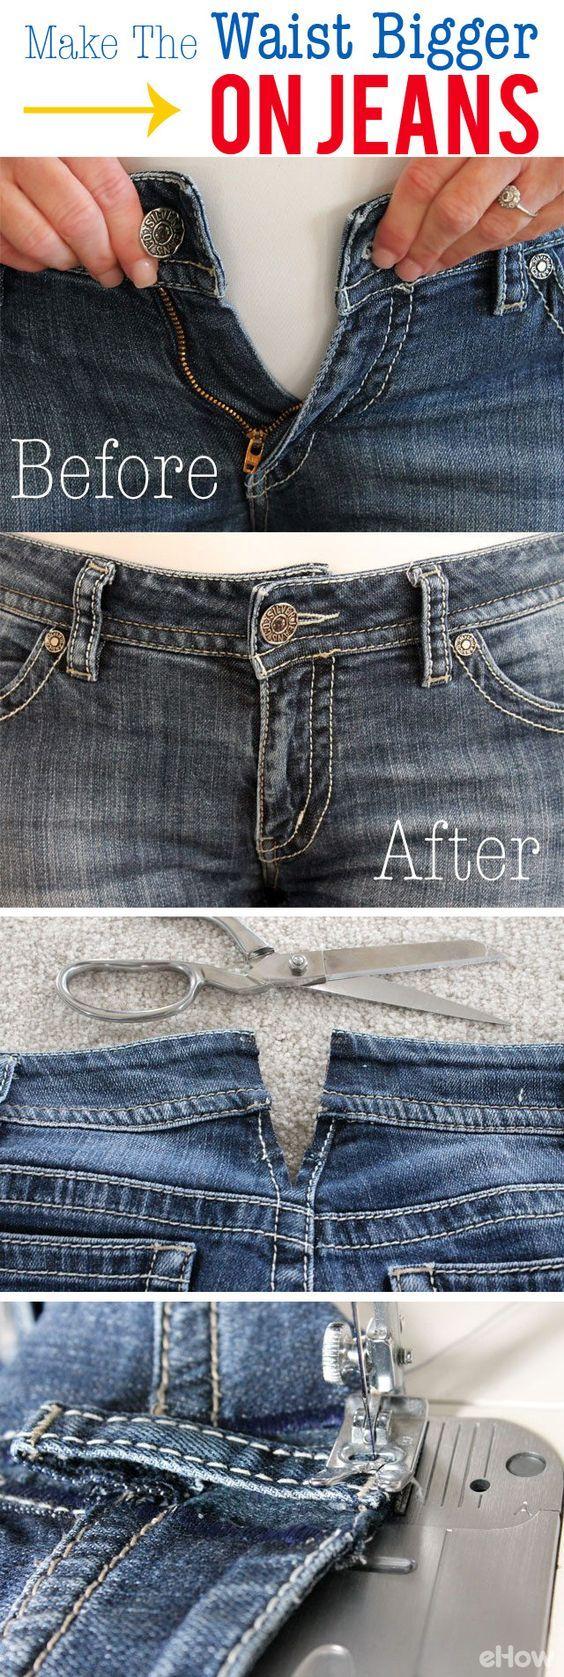 Como Fazer a cintura Maiores em Jeans Shhhh! Não vou contar a ninguém e ninguém vai ser capaz de dizer! Uma solução rápida para fazer calças jeans apertadas um pouco mais confortável na cintura. Este truque de costura rápida é fácil de aprender! www.ehow.com / ..